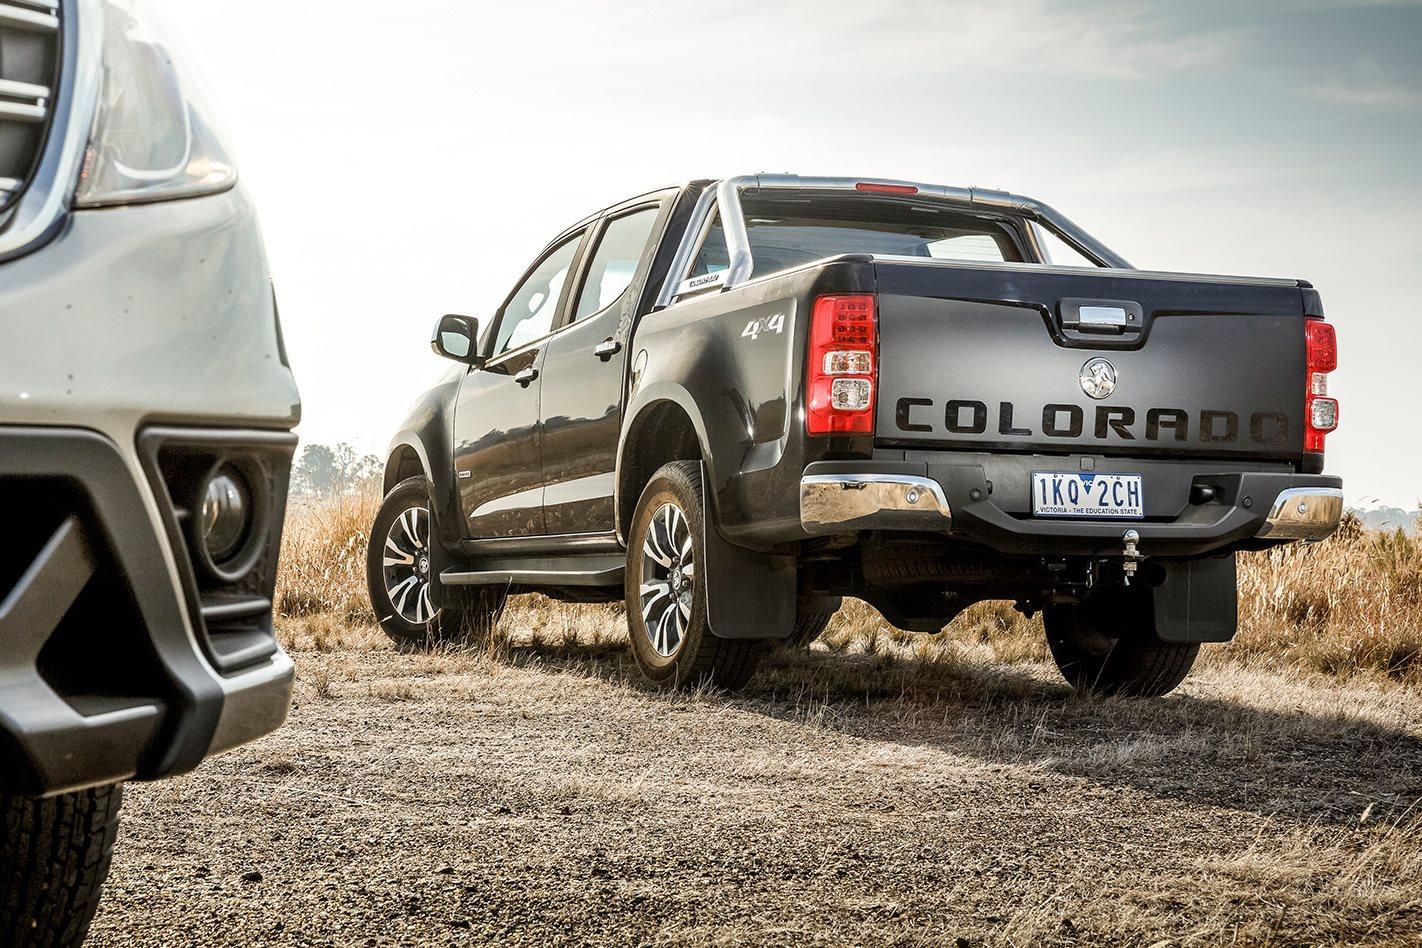 2018 Holden Colorado LTZ review: Wheels Ute Megatest 4th